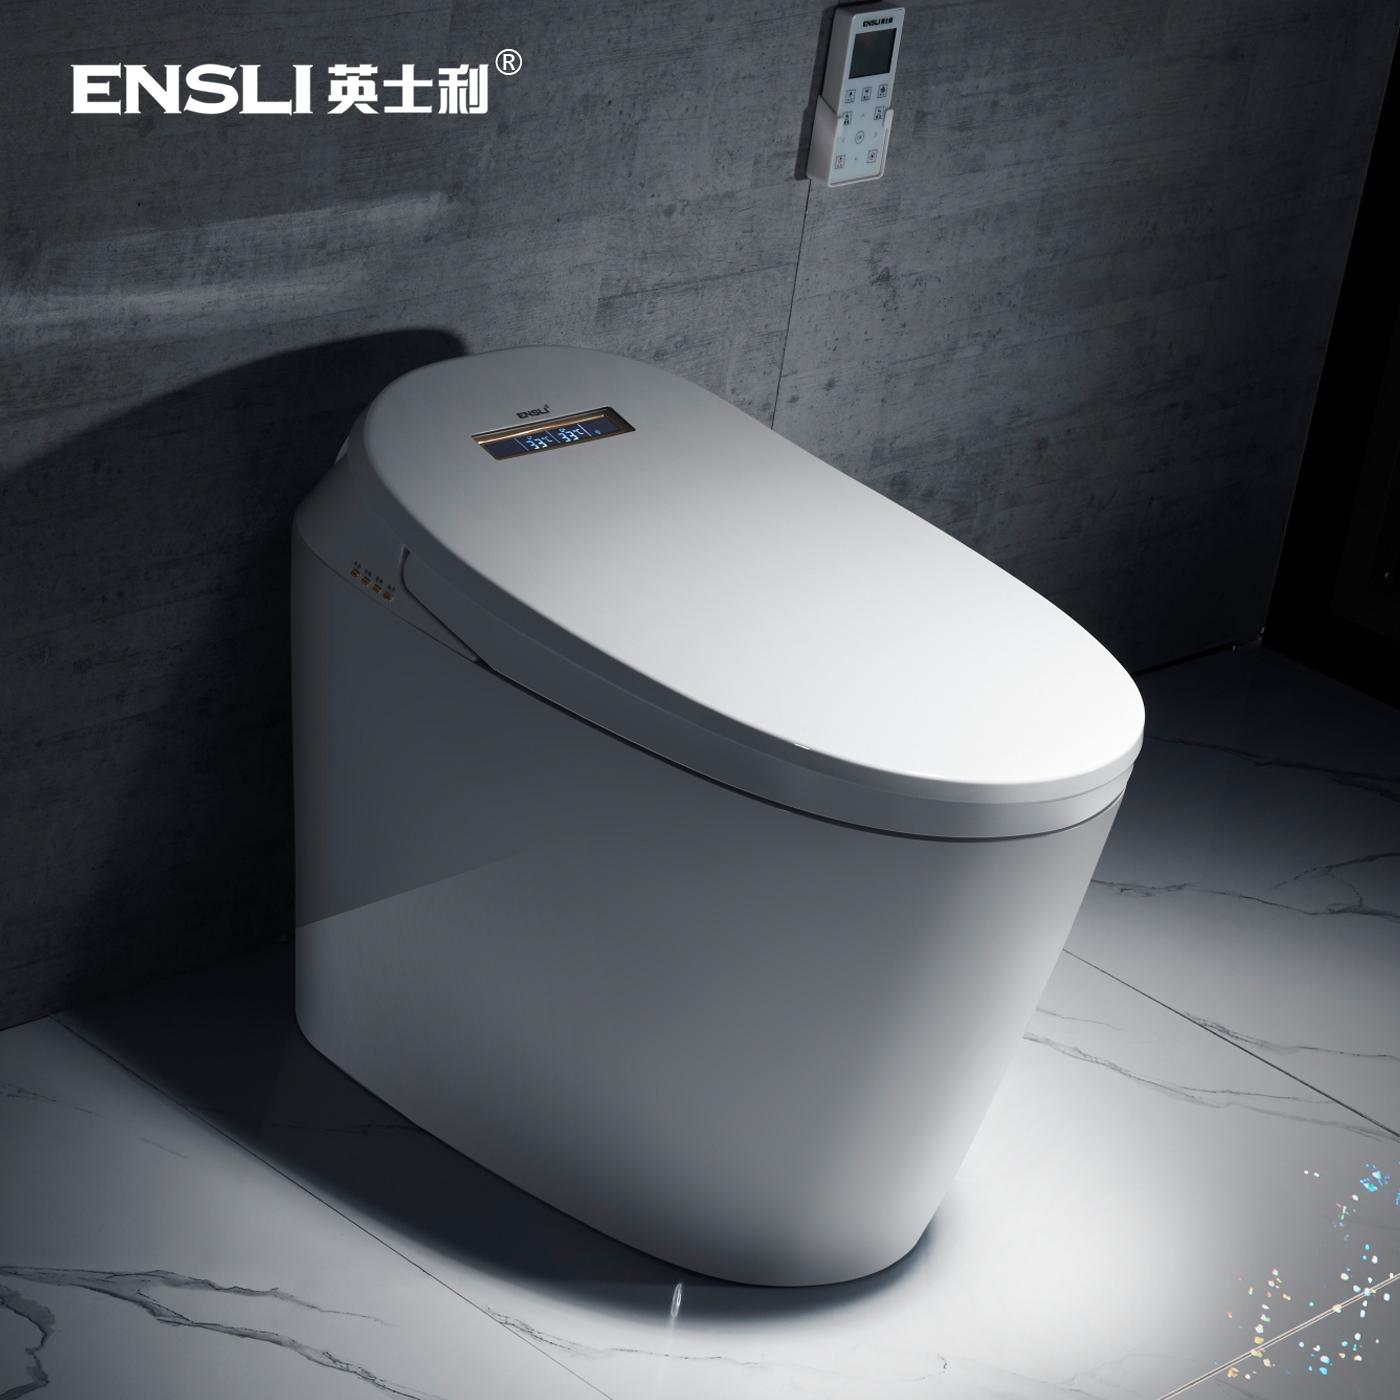 英士利全自动翻盖智能马桶Z-125